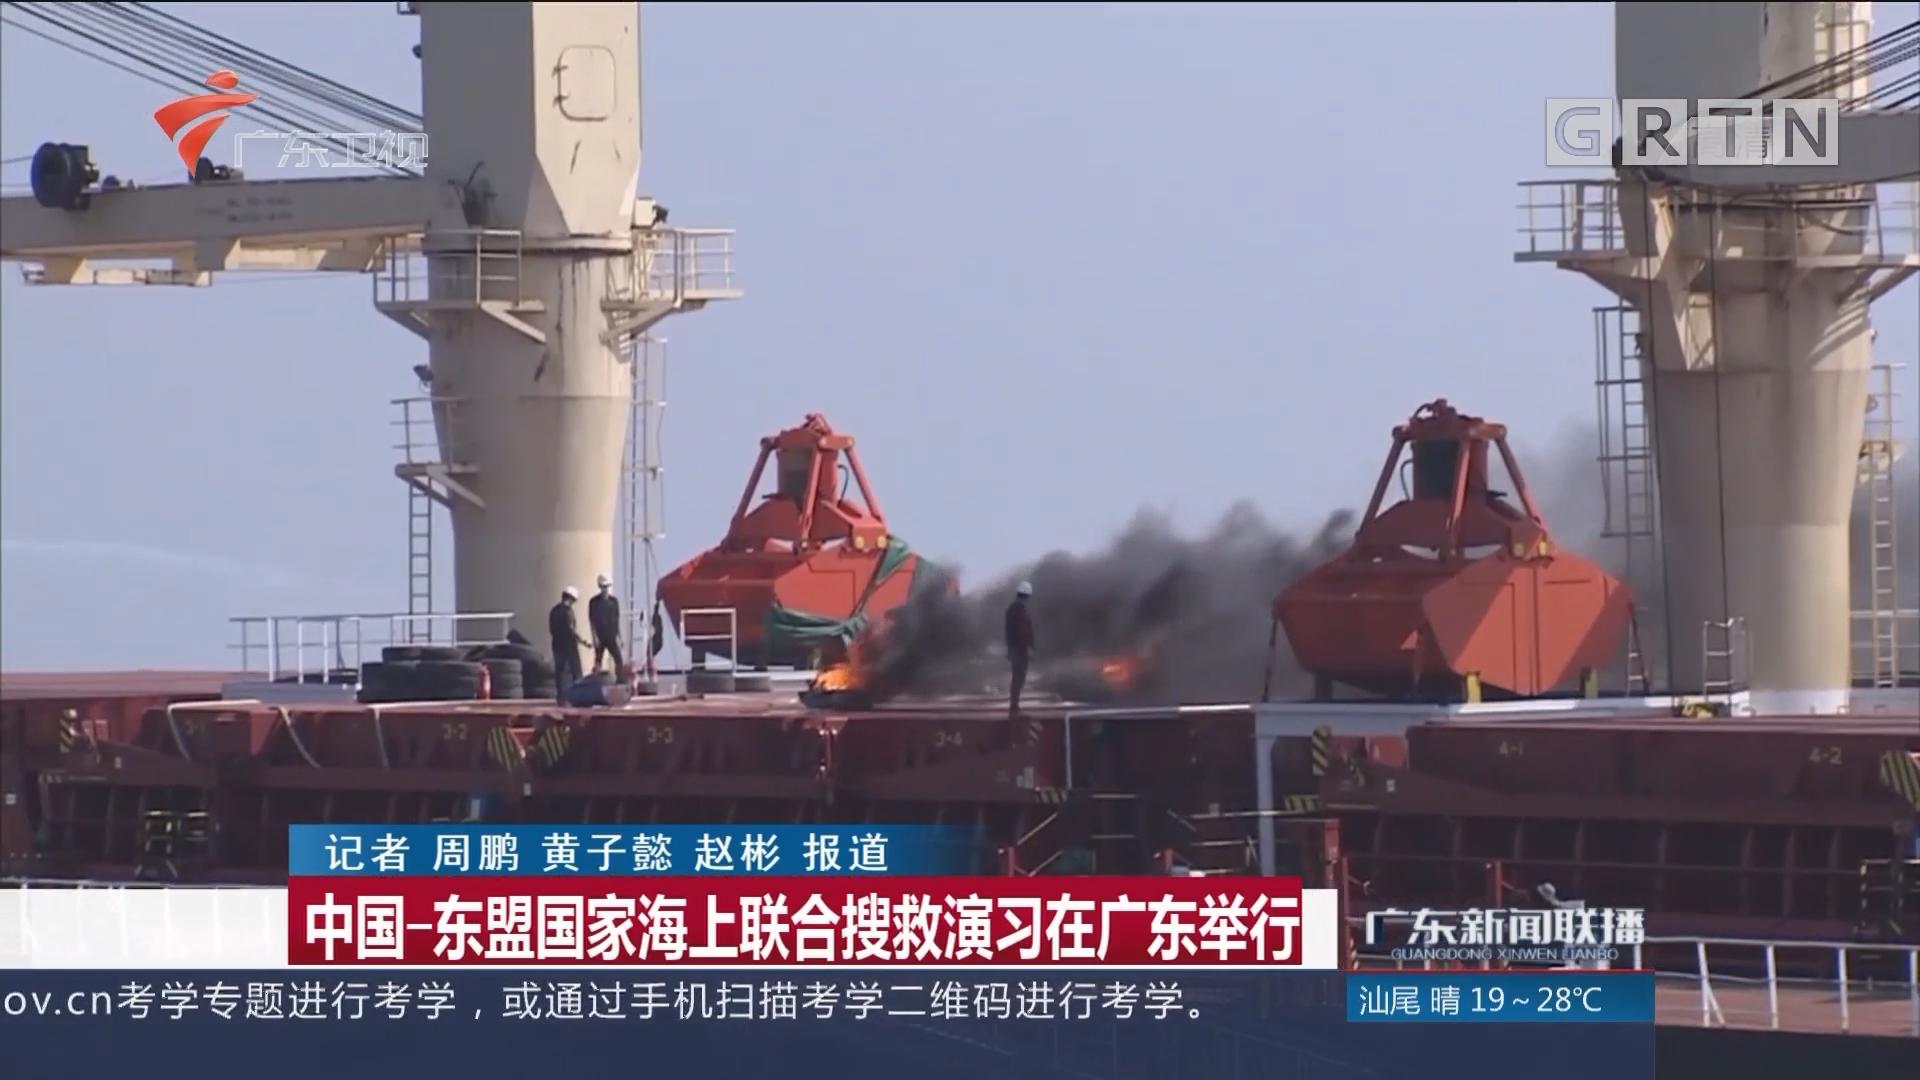 中国-东盟国家海上联合搜救演习在广东举行